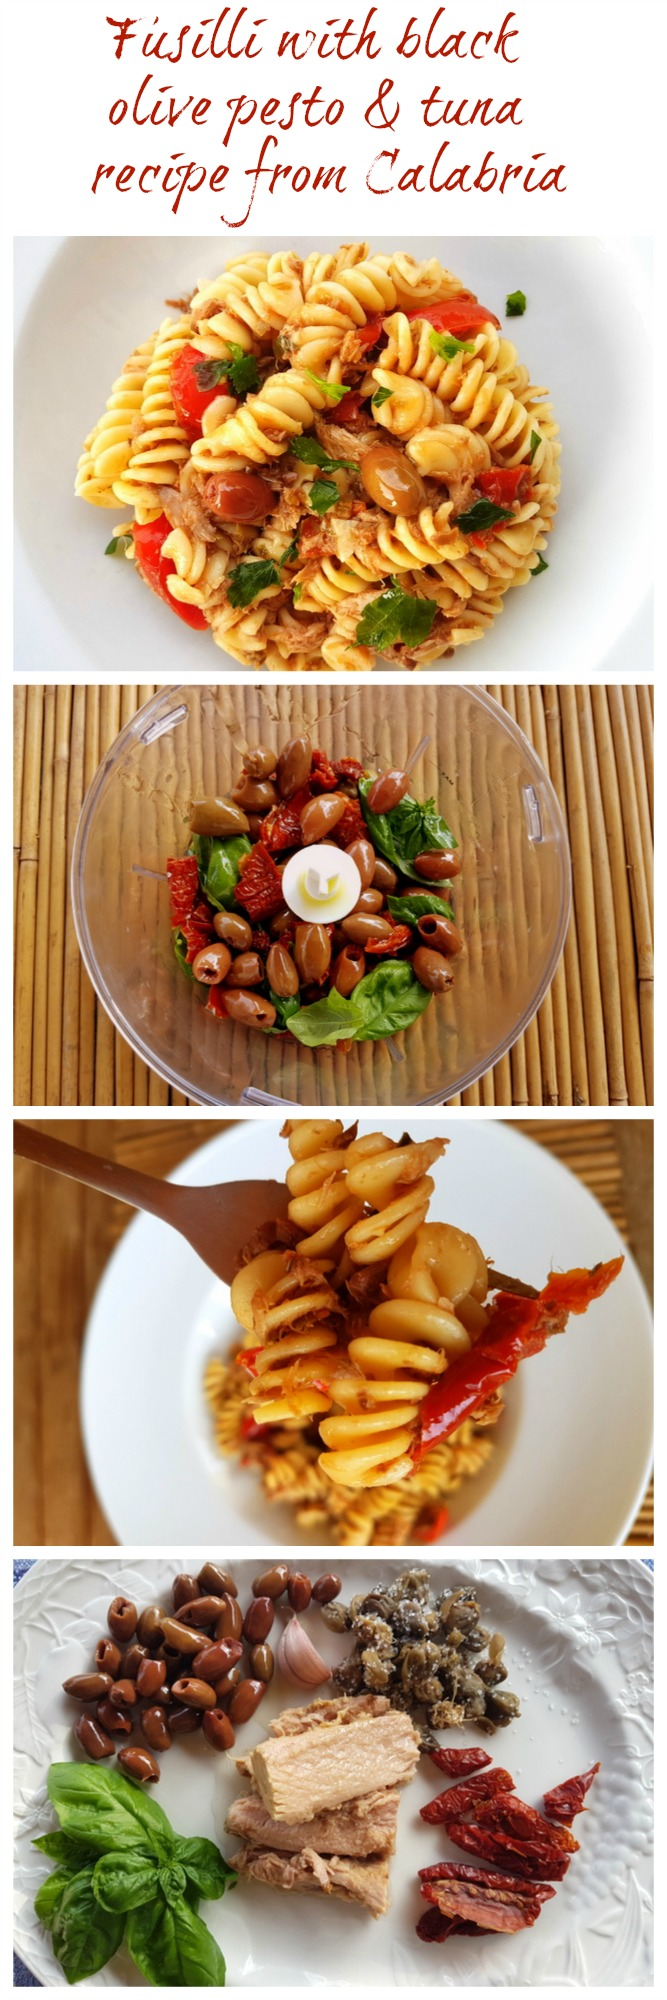 fusilli pasta with black olive pesto and tuna